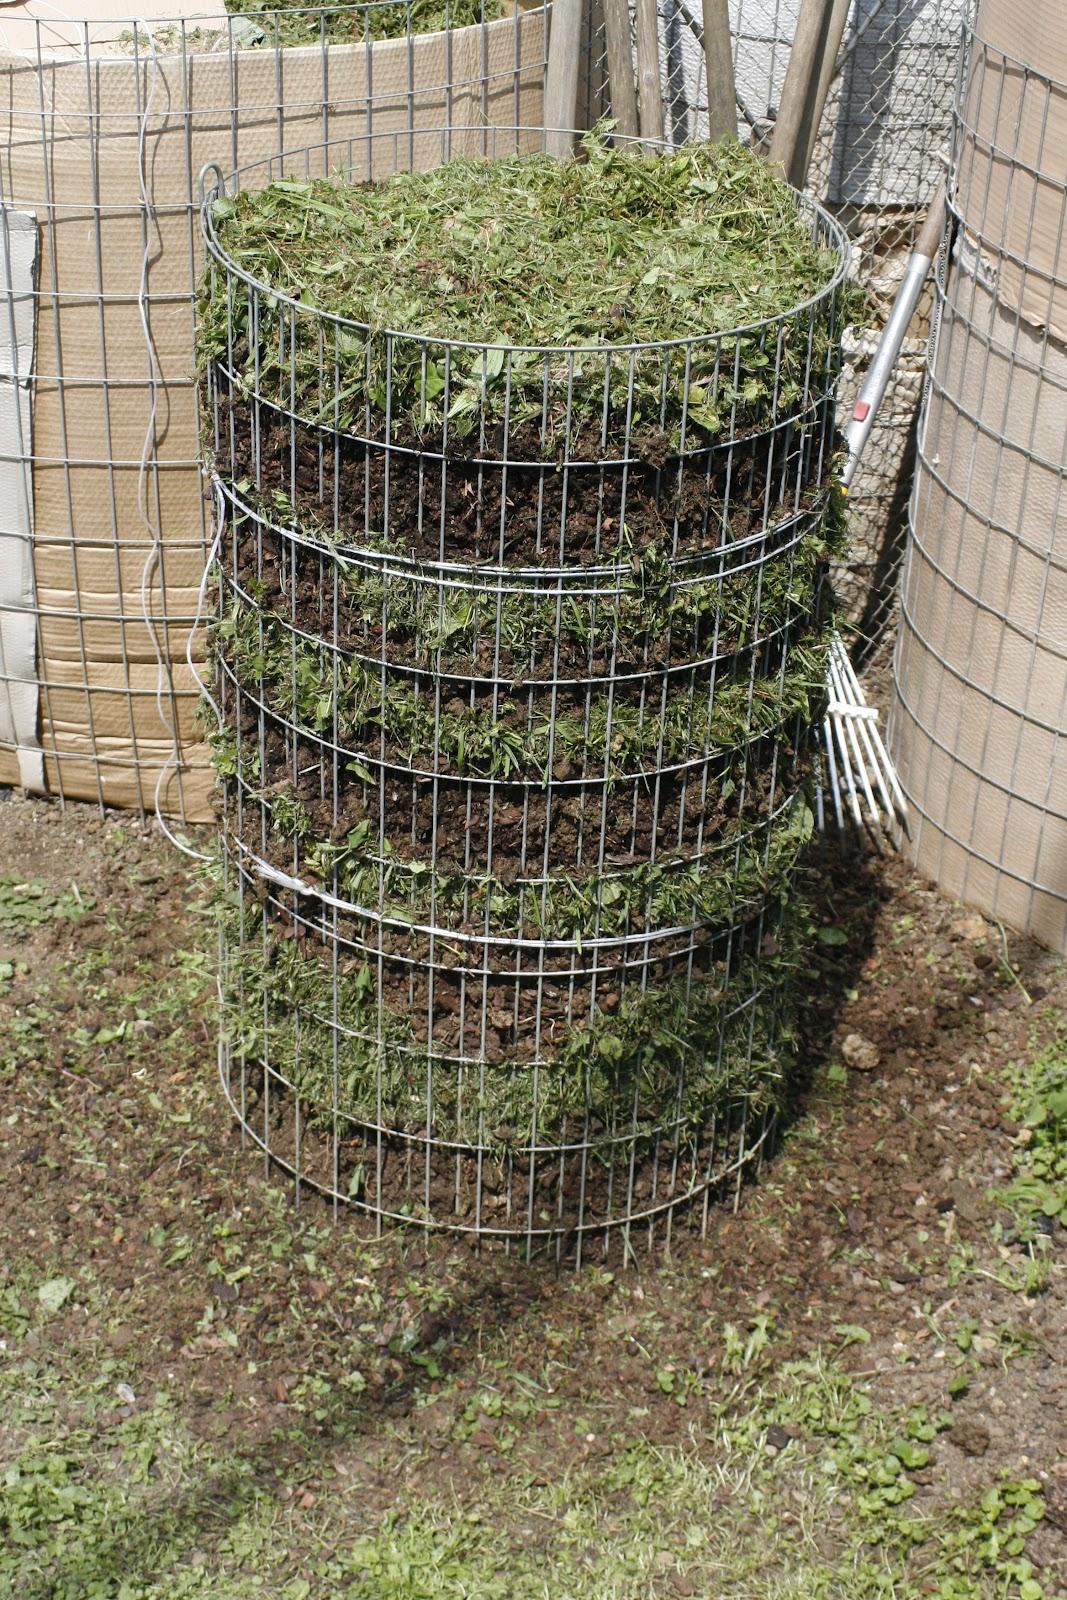 autarkie und selbstversorgung ideen projekte erfahrungen guerrila gardening der kartoffelturm. Black Bedroom Furniture Sets. Home Design Ideas